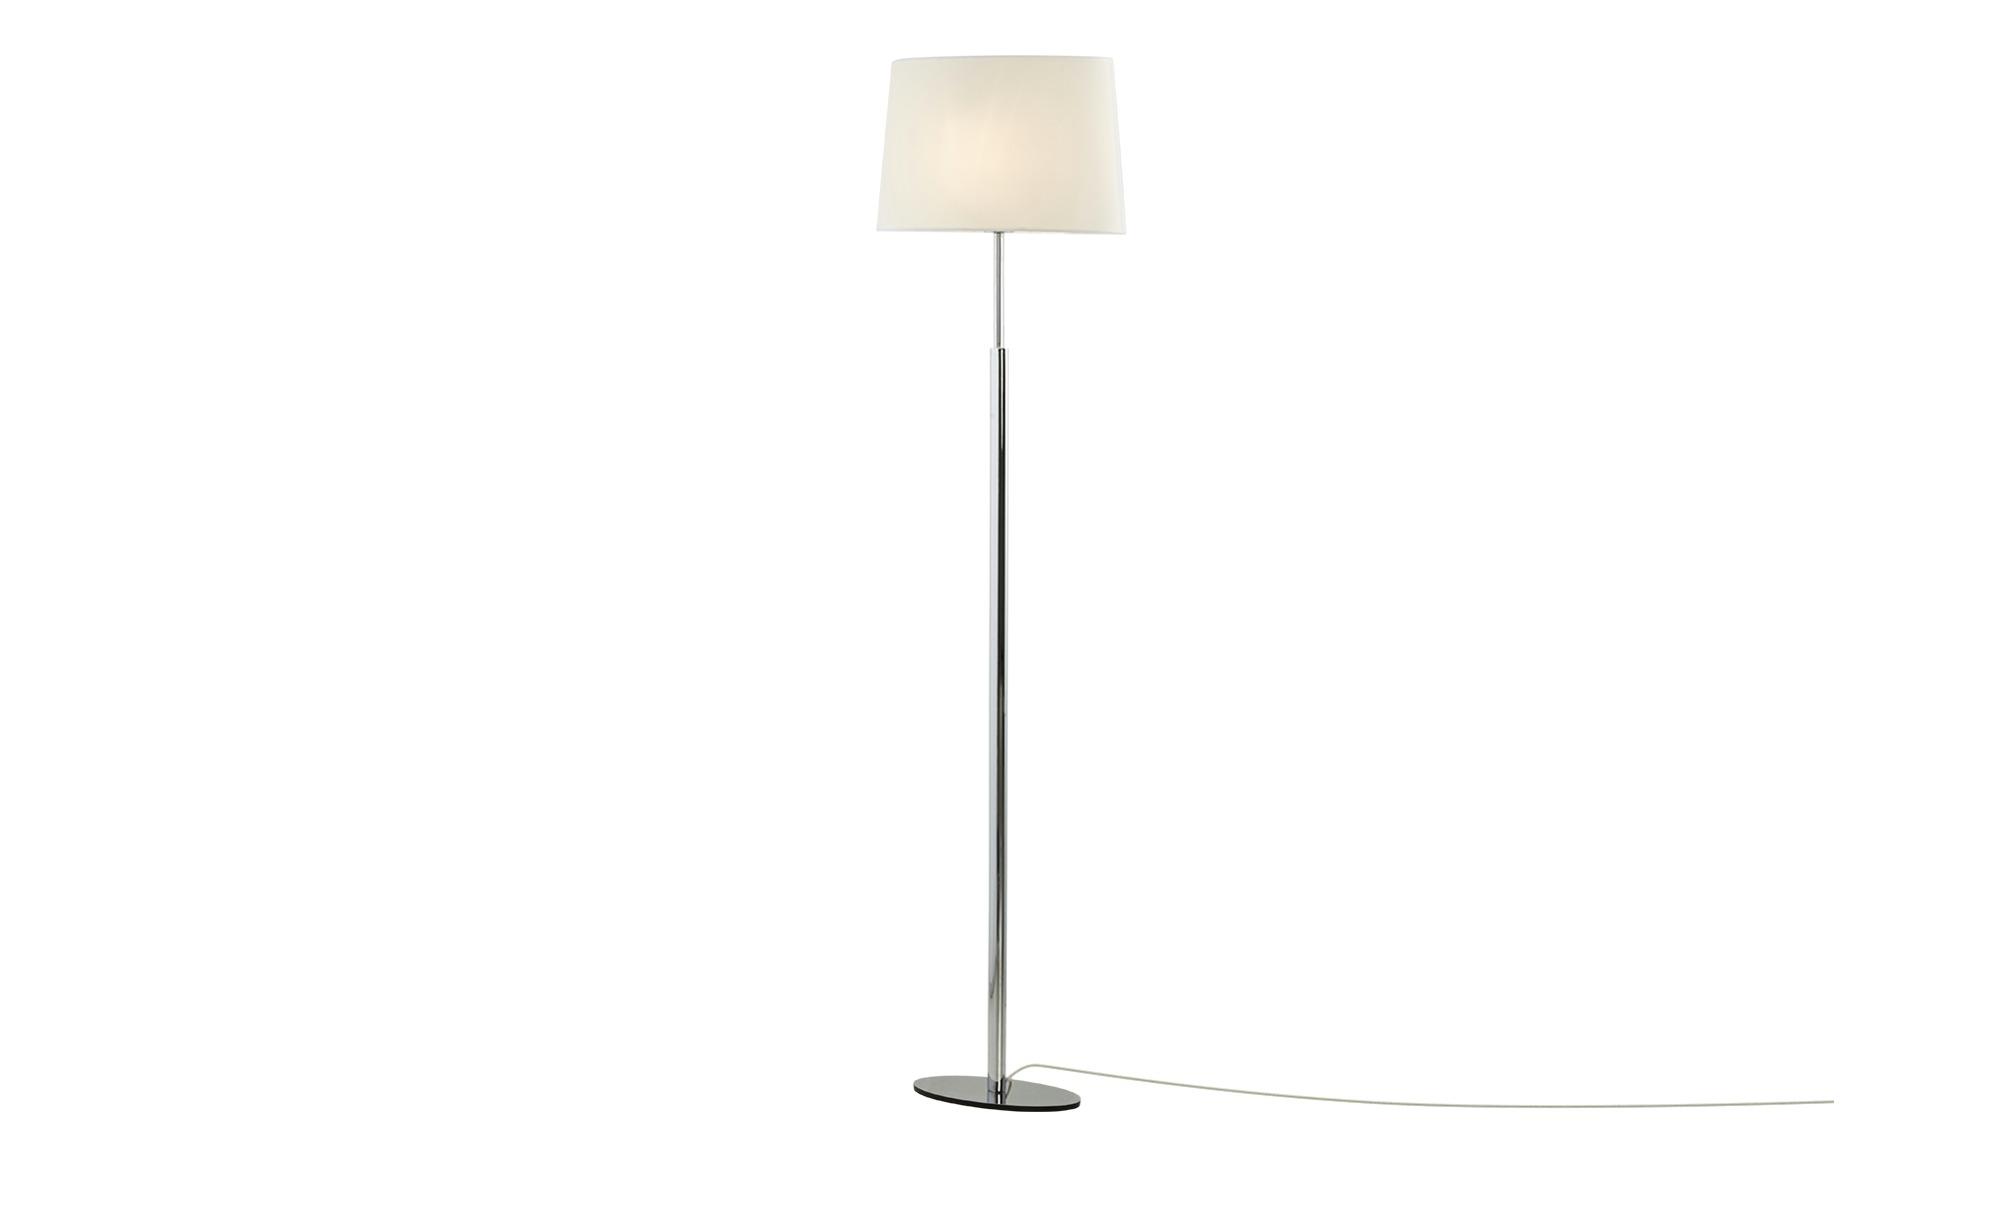 Meisterleuchten Stehleuchte, 1-flammig ¦ silber ¦ Maße (cm): B: 20 H: 150 Lampen & Leuchten > Innenleuchten > Stehlampen - Höffner